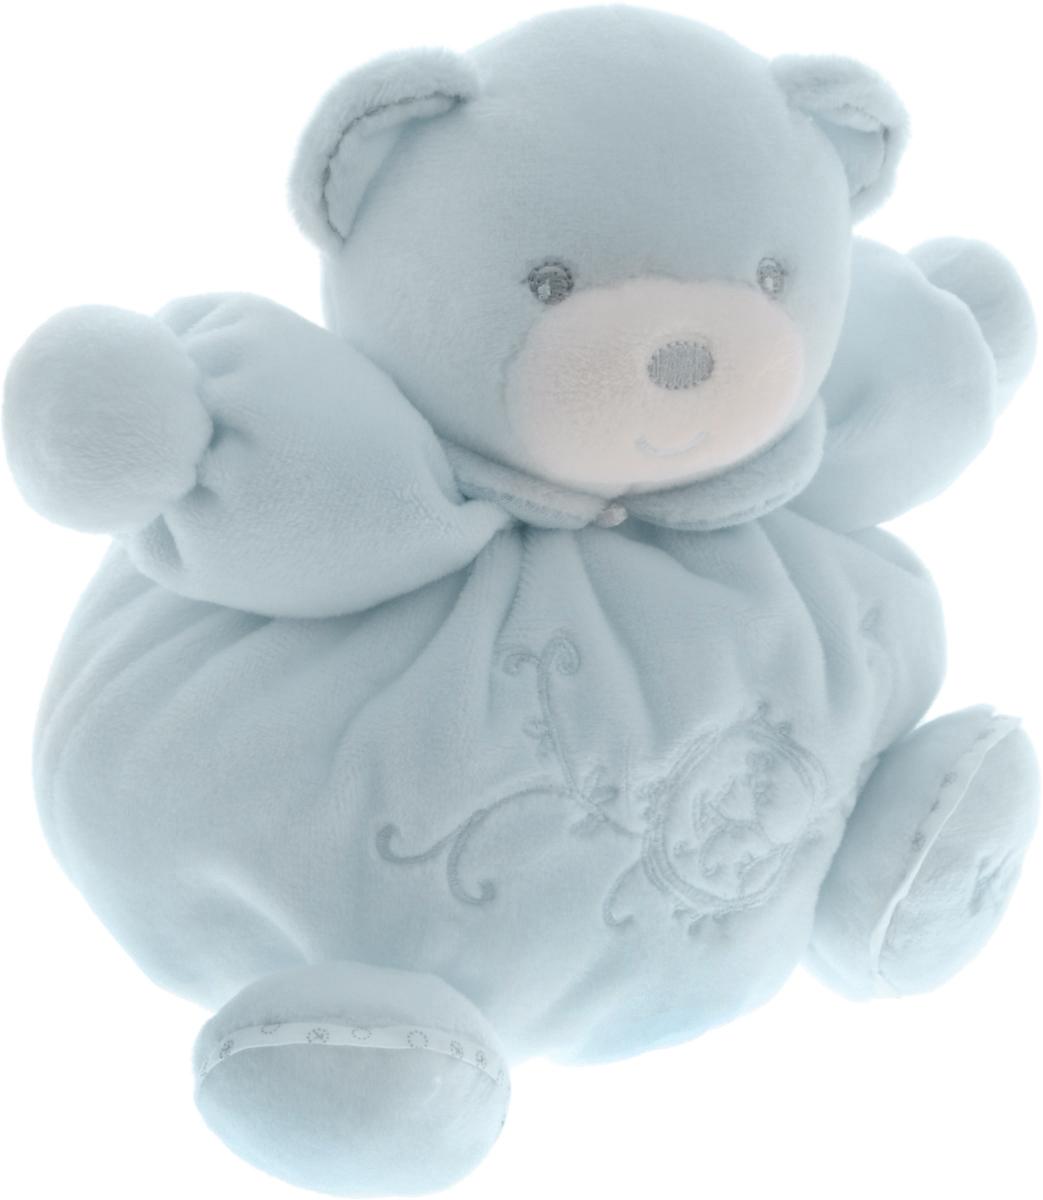 Kaloo Мягкая игрушка Мишка цвет светло-голубой 16 смK962148Великолепная мягкая игрушка Kaloo Мишка выполнена из качественных и безопасных для здоровья детей материалов, которые не вызывают аллергии, приятны на ощупь и доставляют большое удовольствие во время игр. Медвежонок выполнен в нежно-голубом цвете, лицевая сторона игрушки украшена вышивкой, на лапке - вышит фирменный логотип бренда. Игры с мягкими игрушками развивают тактильную чувствительность и сенсорное восприятие. После стирки изделие не деформируется и не меняет внешний вид. Все игрушки Kaloo прошли множественные тесты и соответствуют мировым стандартам безопасности. Именно поэтому игрушки рекомендованы для детей с рождения, что отличает их от большинства производителей мягких игрушек. Дизайнеры Kaloo продумывают и придают значение каждому этапу в производстве игрушек, начиная от эскиза и заканчивая упаковкой готового изделия.